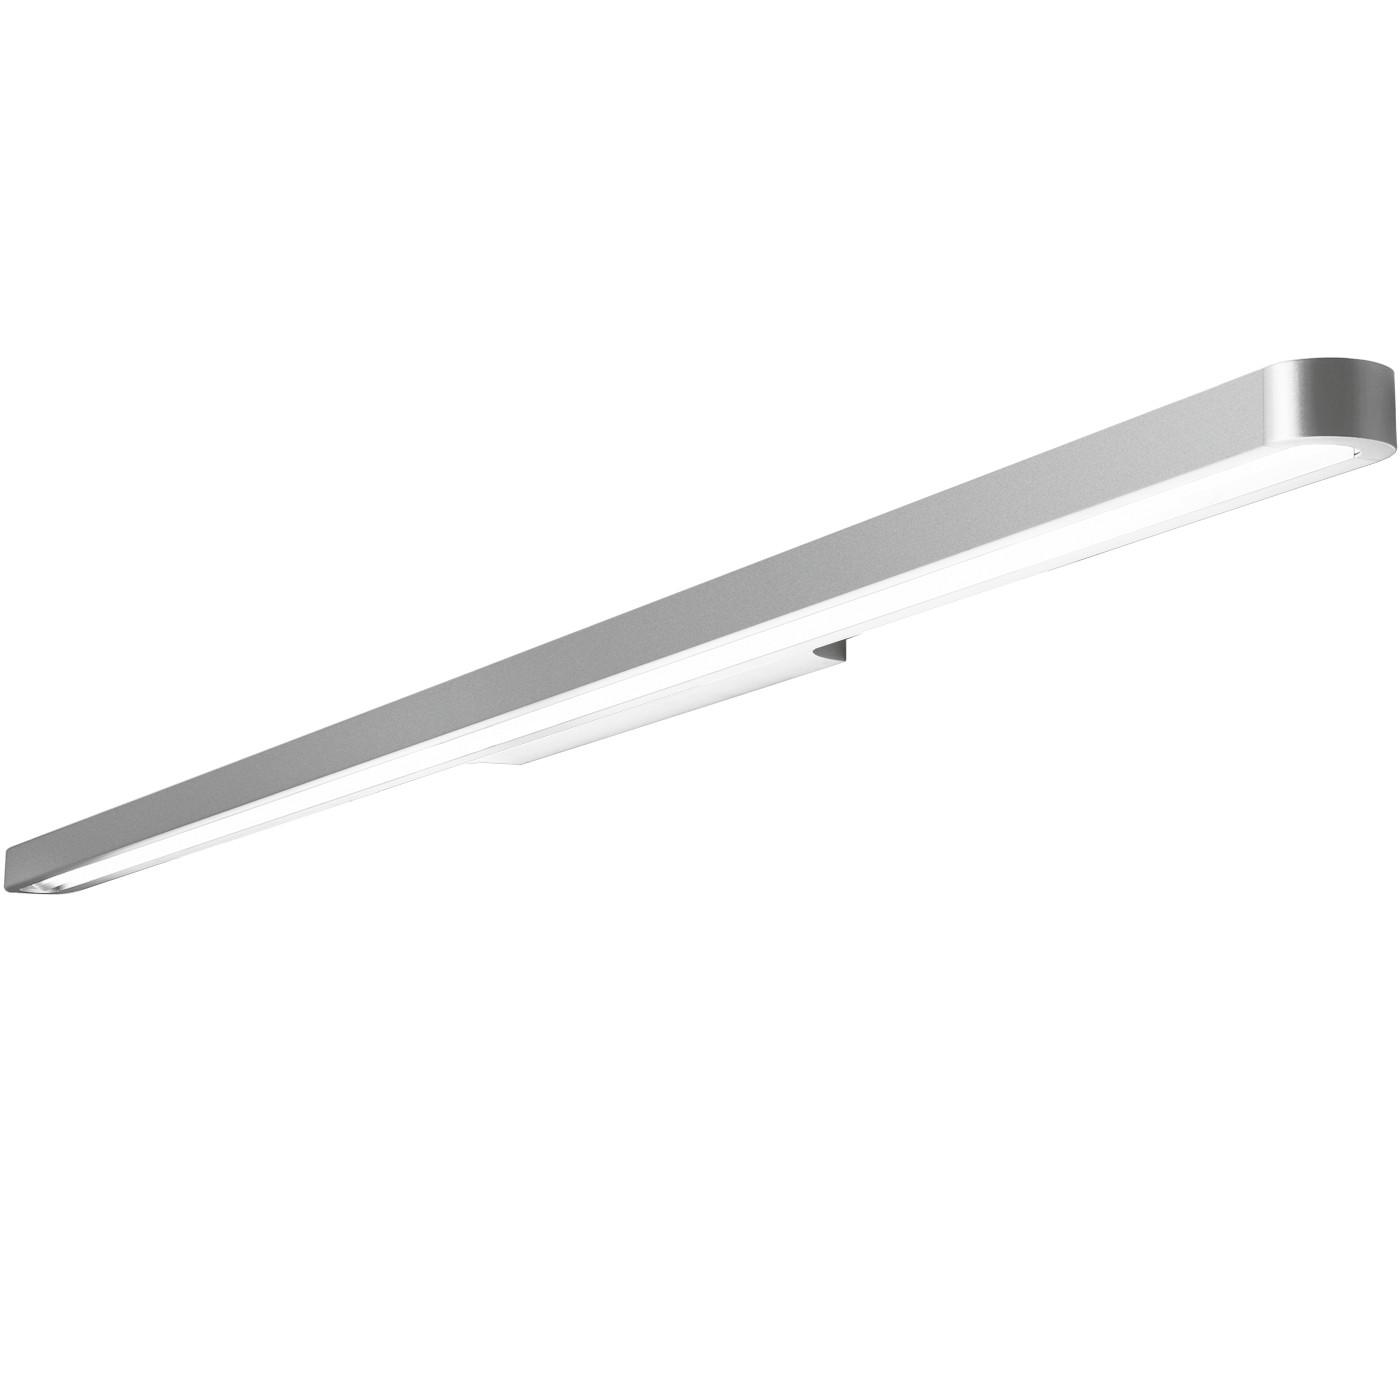 Artemide Talo Parete 150 LED